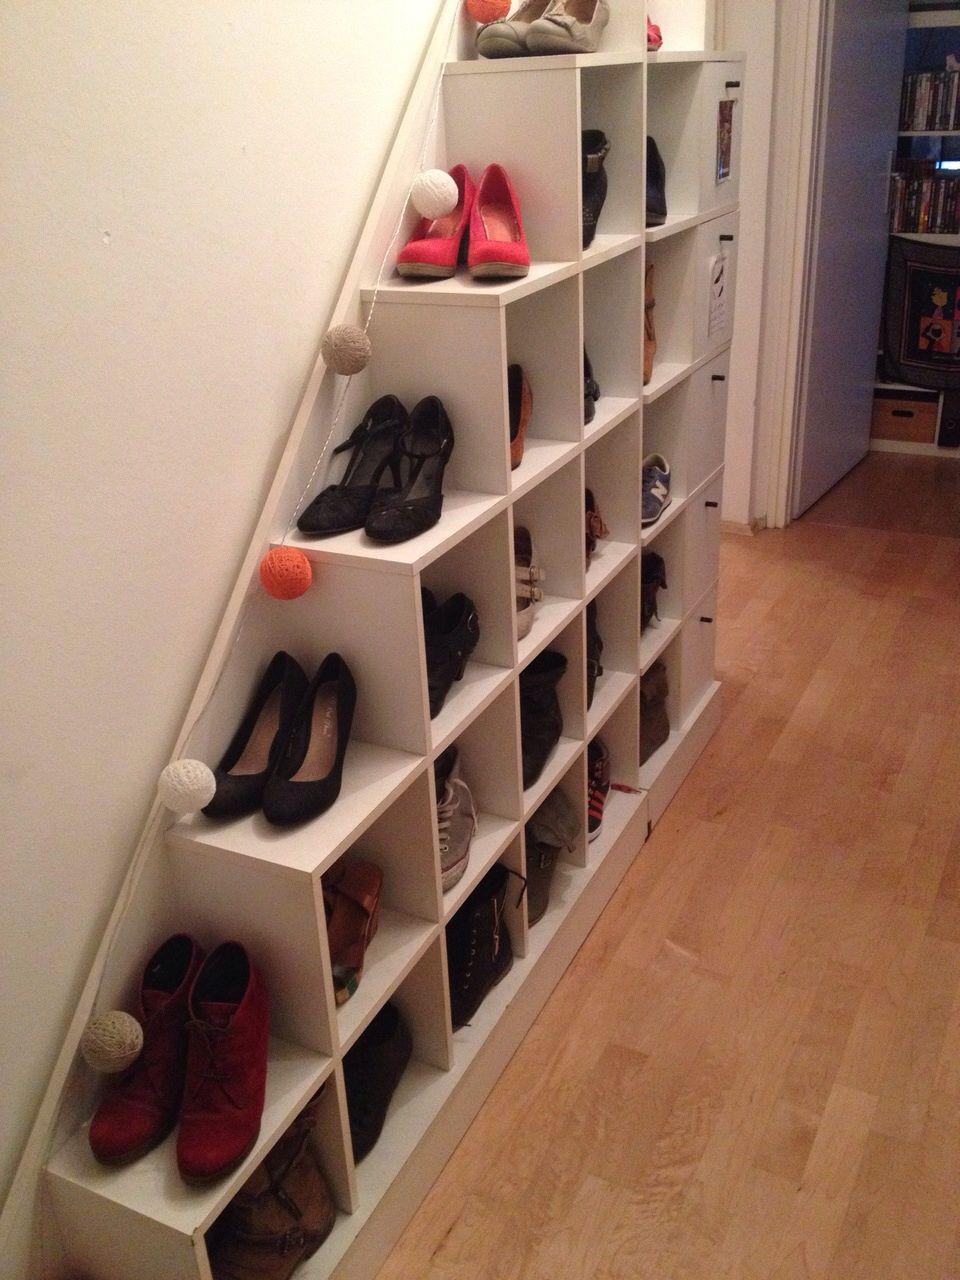 Schuhschrank im Flur | Wohnen | Pinterest | Schuhschränke, Flure und ...